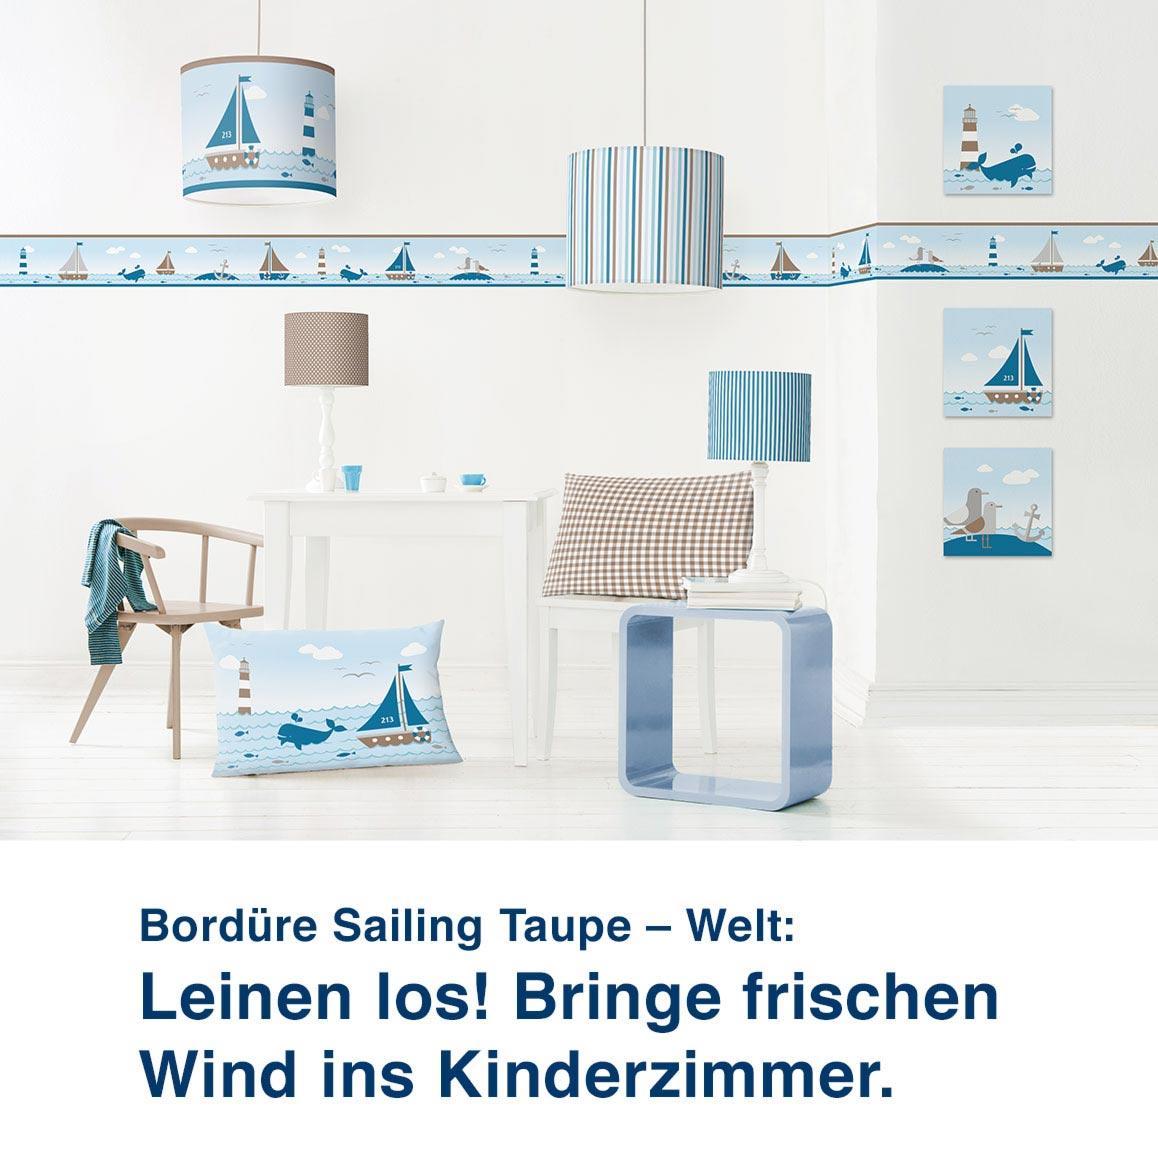 Bordüre der Sailing Taupe - Welt:  Leinen los! Frischer Wind für das Kinderzimmer.